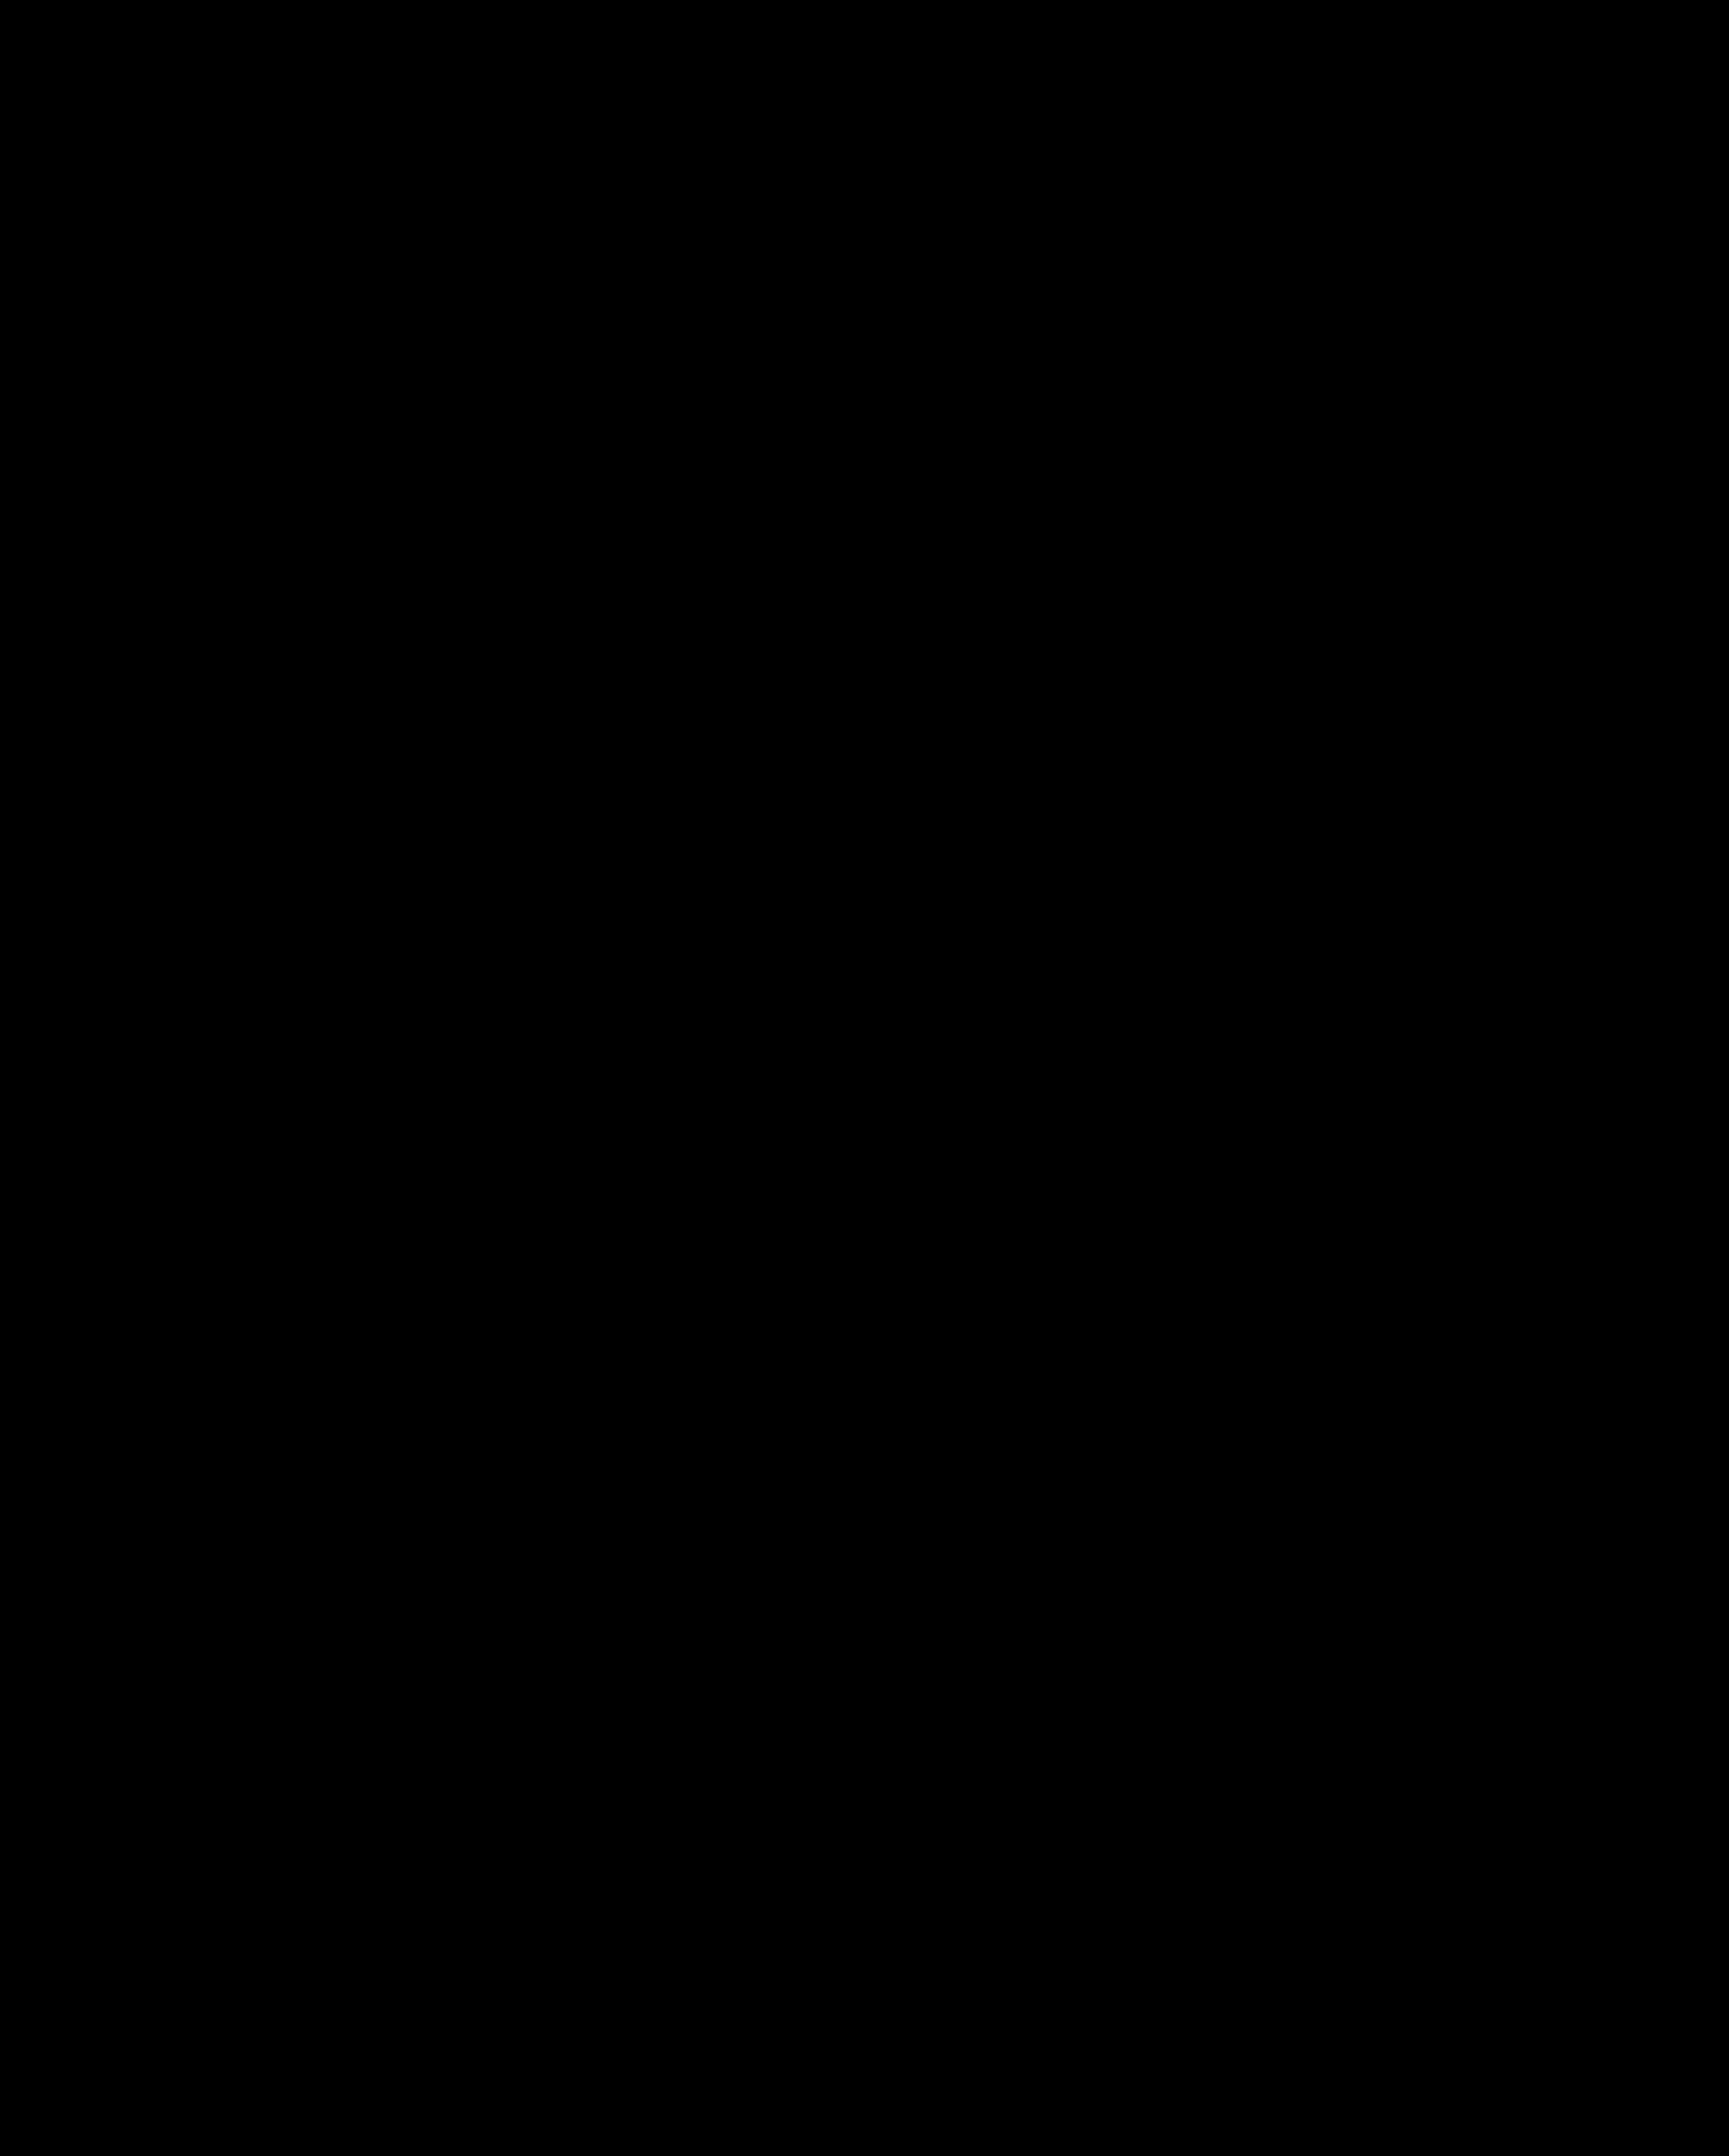 kampania ślubna marki Apart - zdjęcie 4